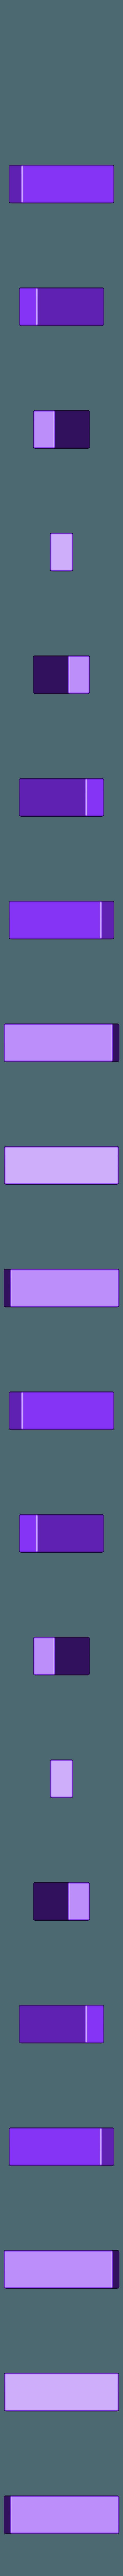 Jenga block - Blank.stl Download STL file Jenga Rules • 3D print model, Made_In_Space